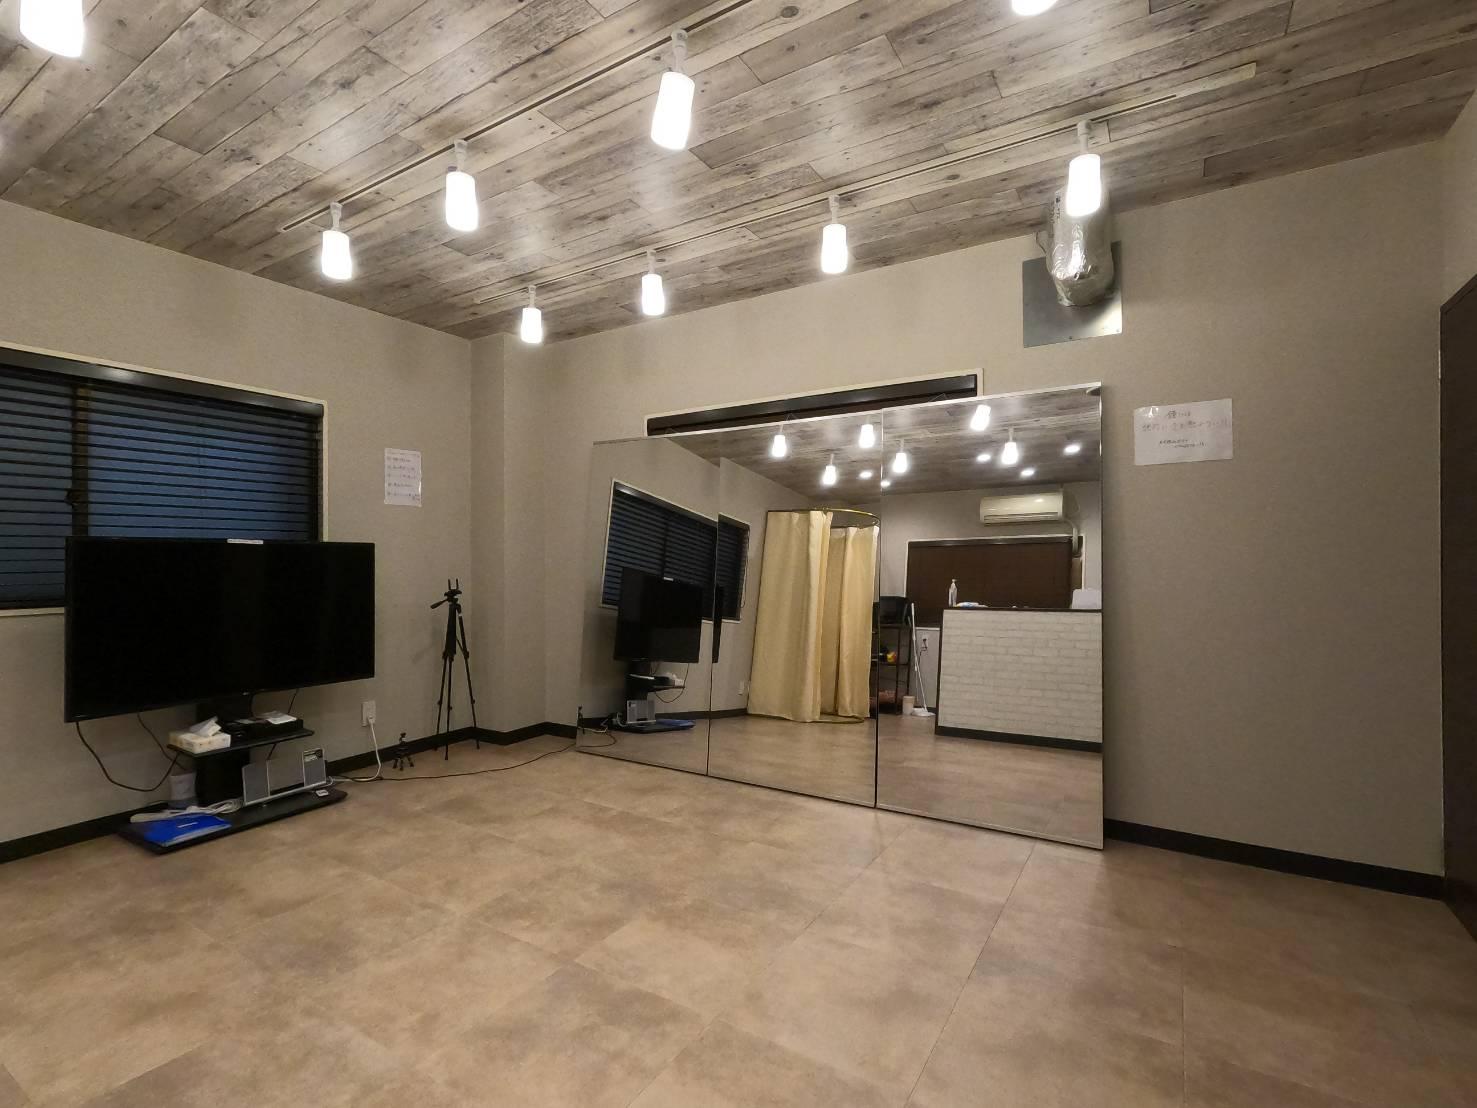 おしゃれなダウンライト付きの空間。 - レンタルスタジオ フルス ヨガなどができるレンタルスタジオの室内の写真